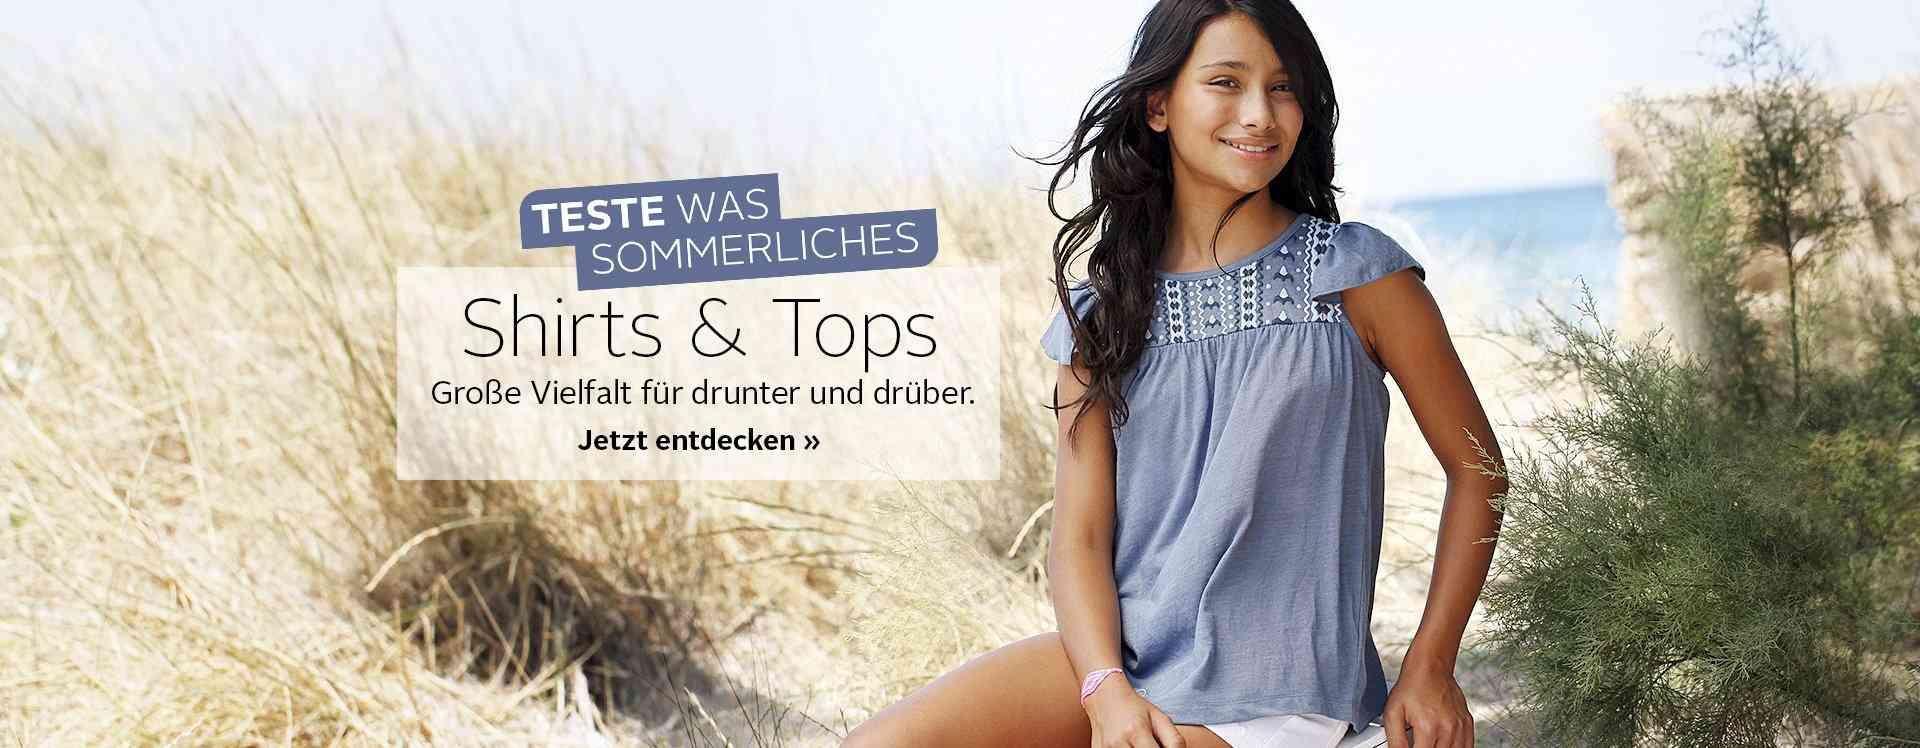 Zu den Shirts & Tops für Mädchen. Hier  Sie die große Auswahl an Mädchenshirts, wie z.B. bedruckte T-Shirts, Langarmshirts, Shirts mit Fledermausärmeln oder aber auch Basic Shirts und Tops.